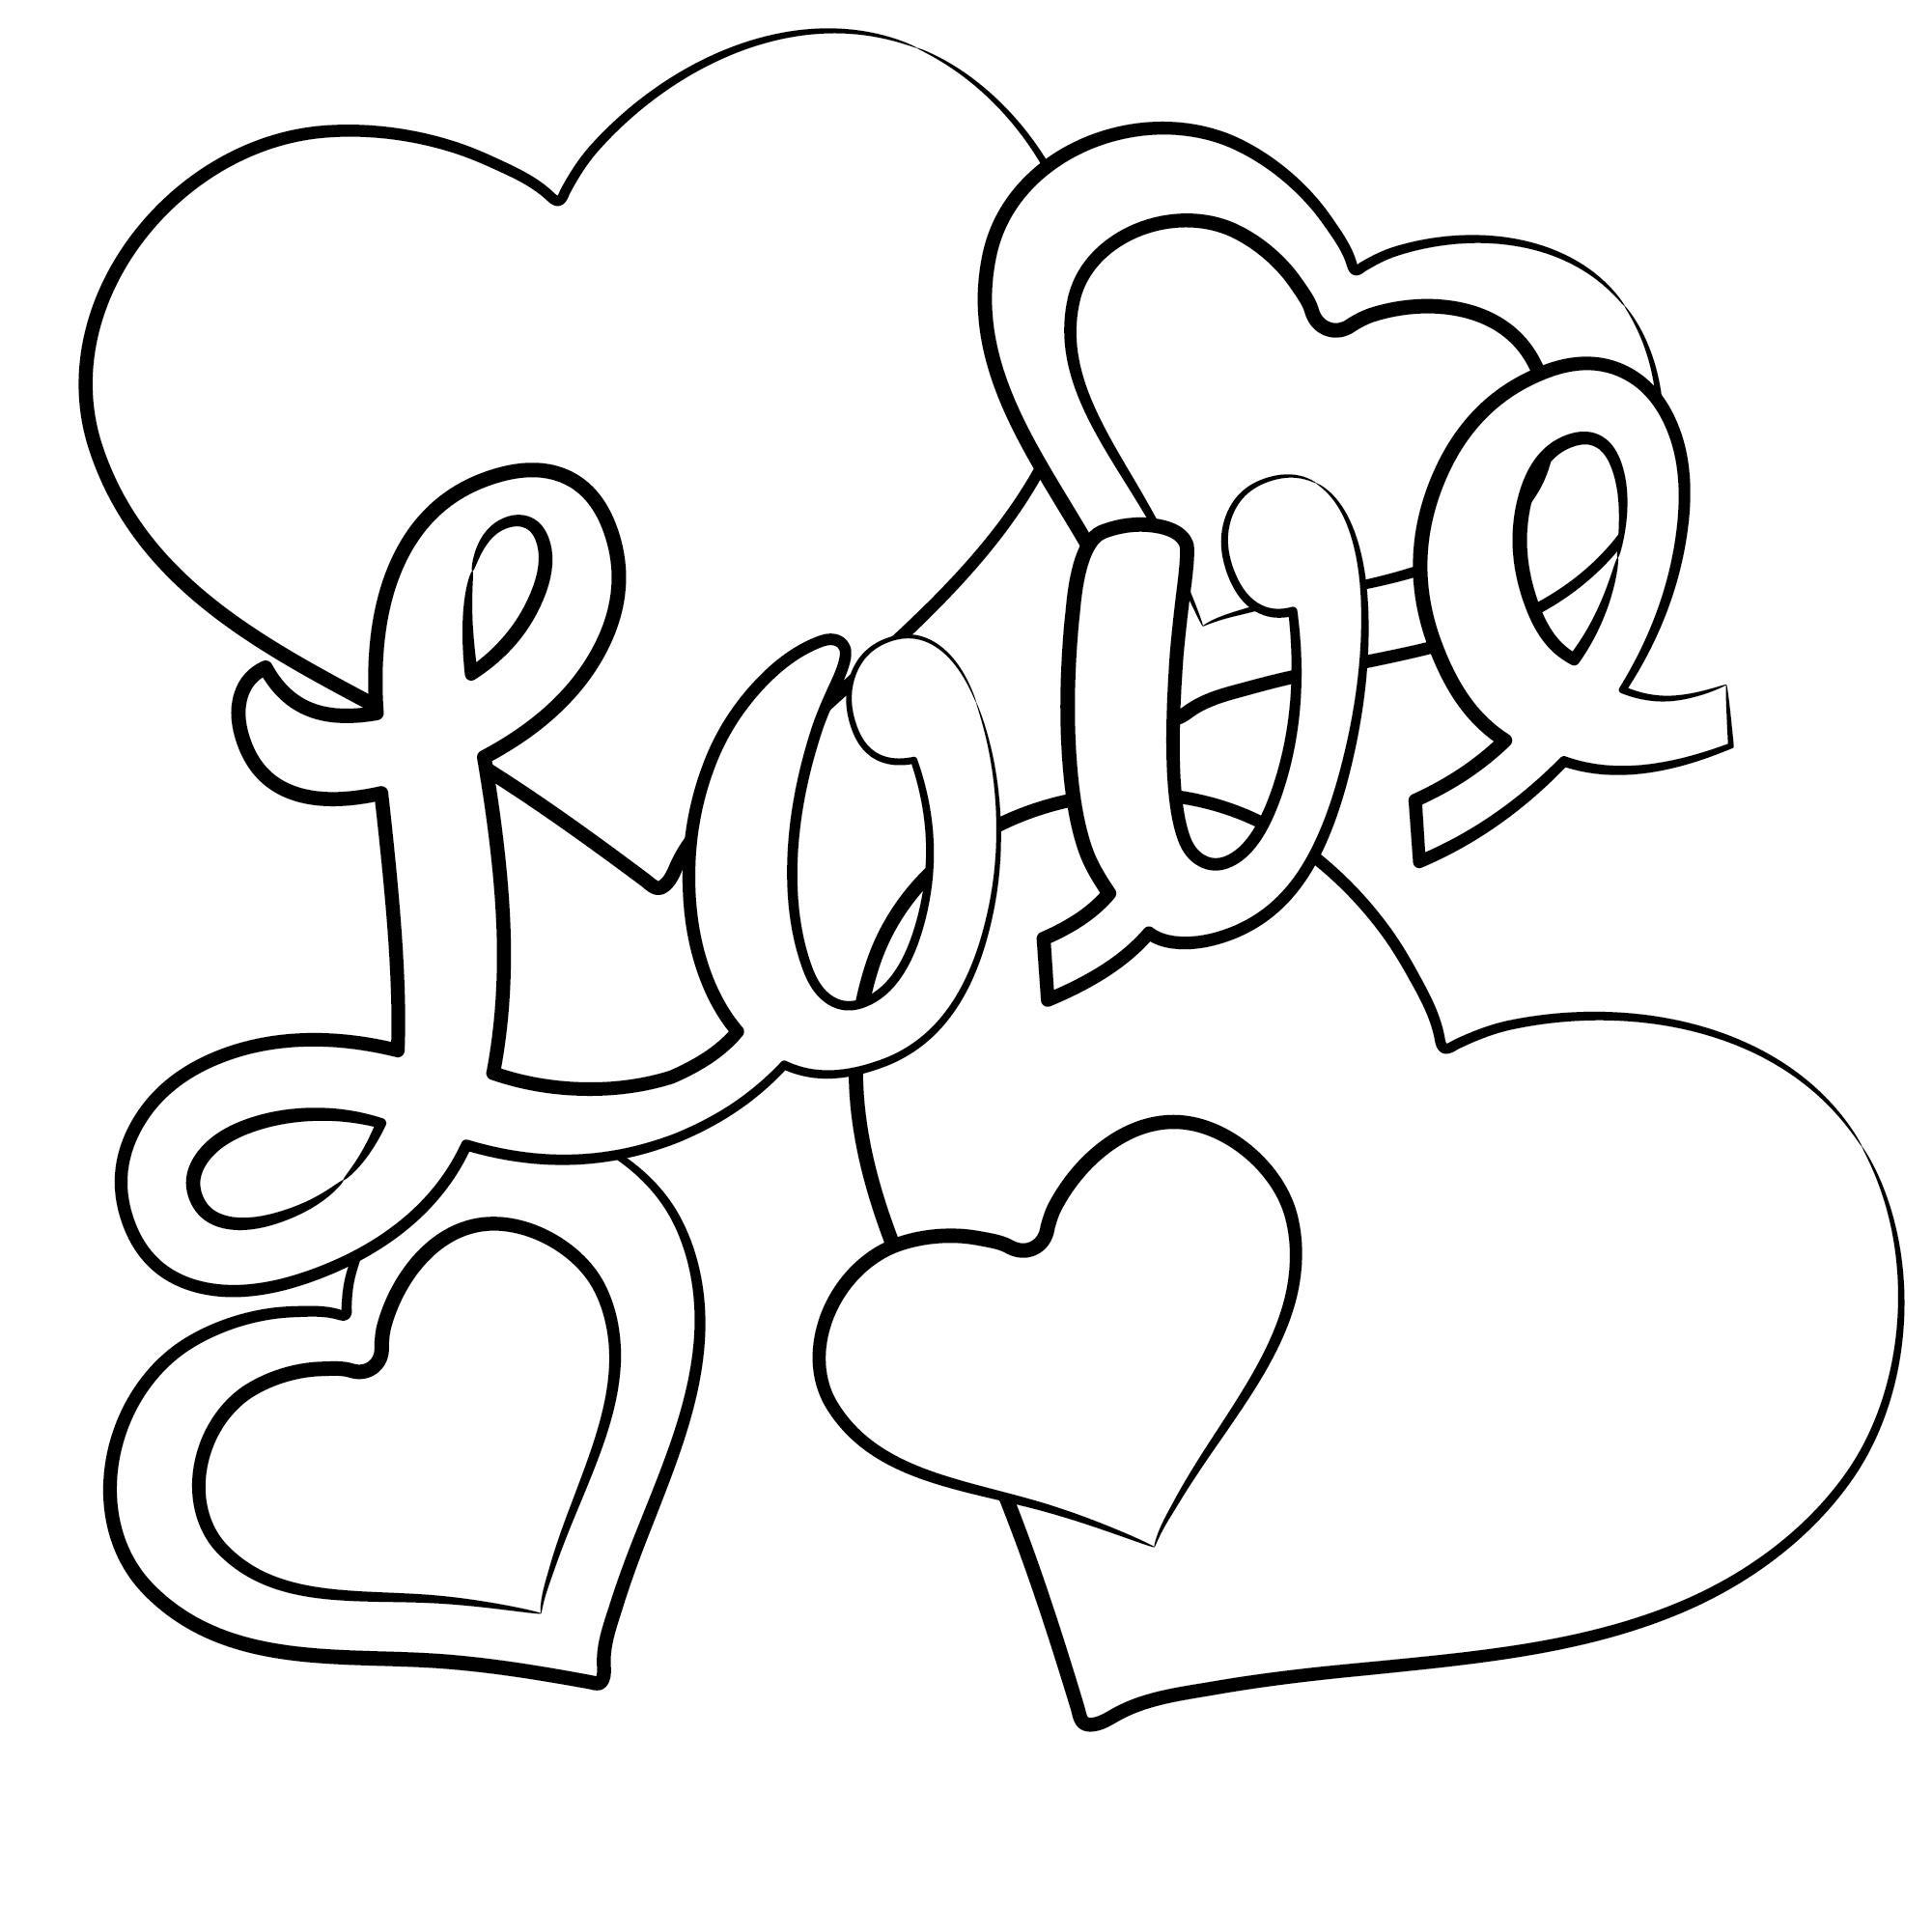 Надпись love с сердечками Раскраски антистресс бесплатно